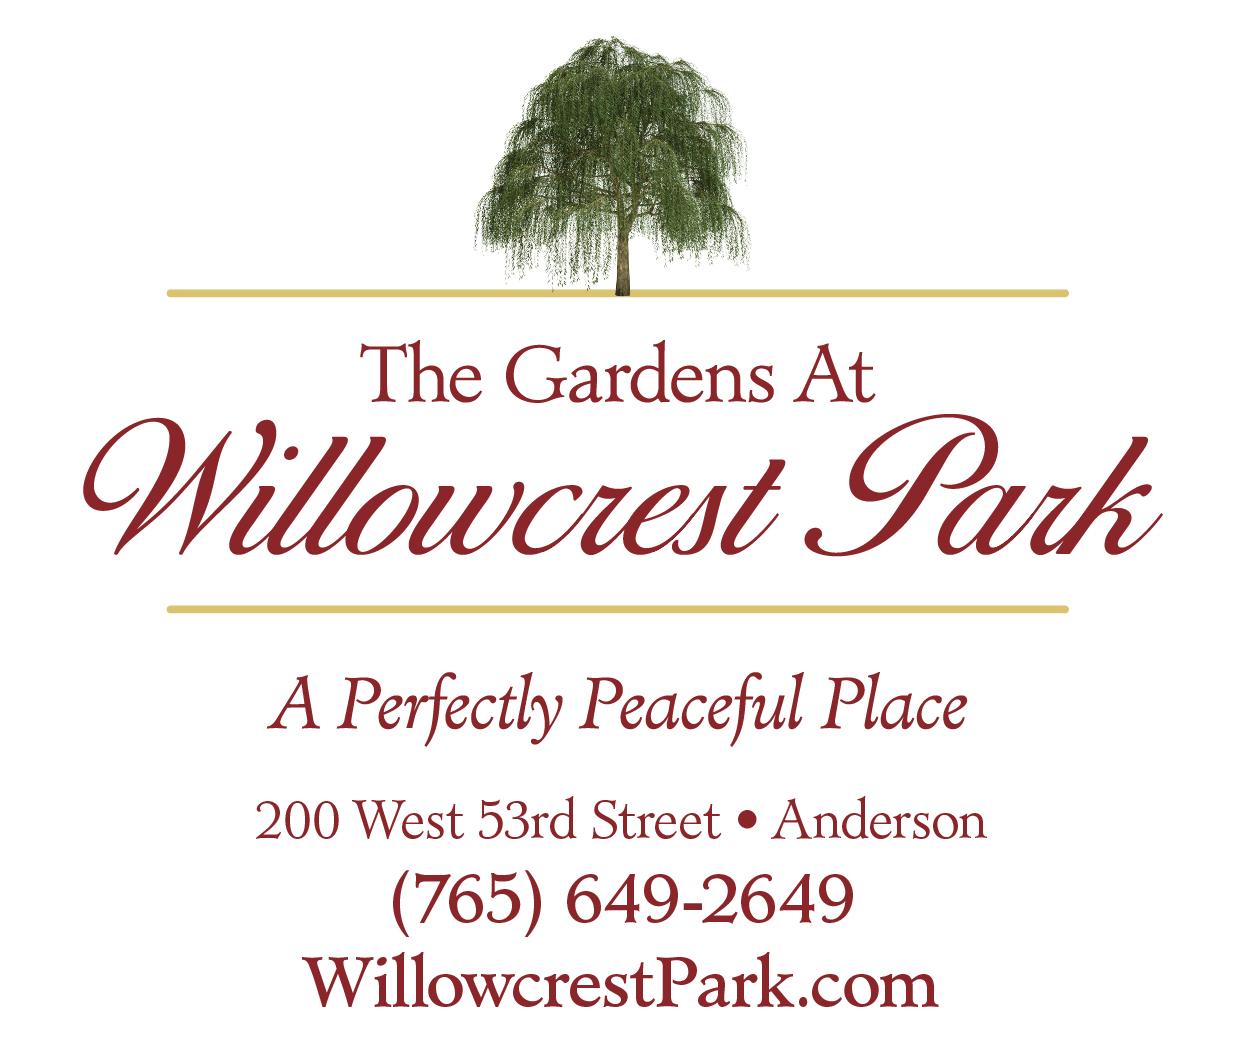 Willowcrest